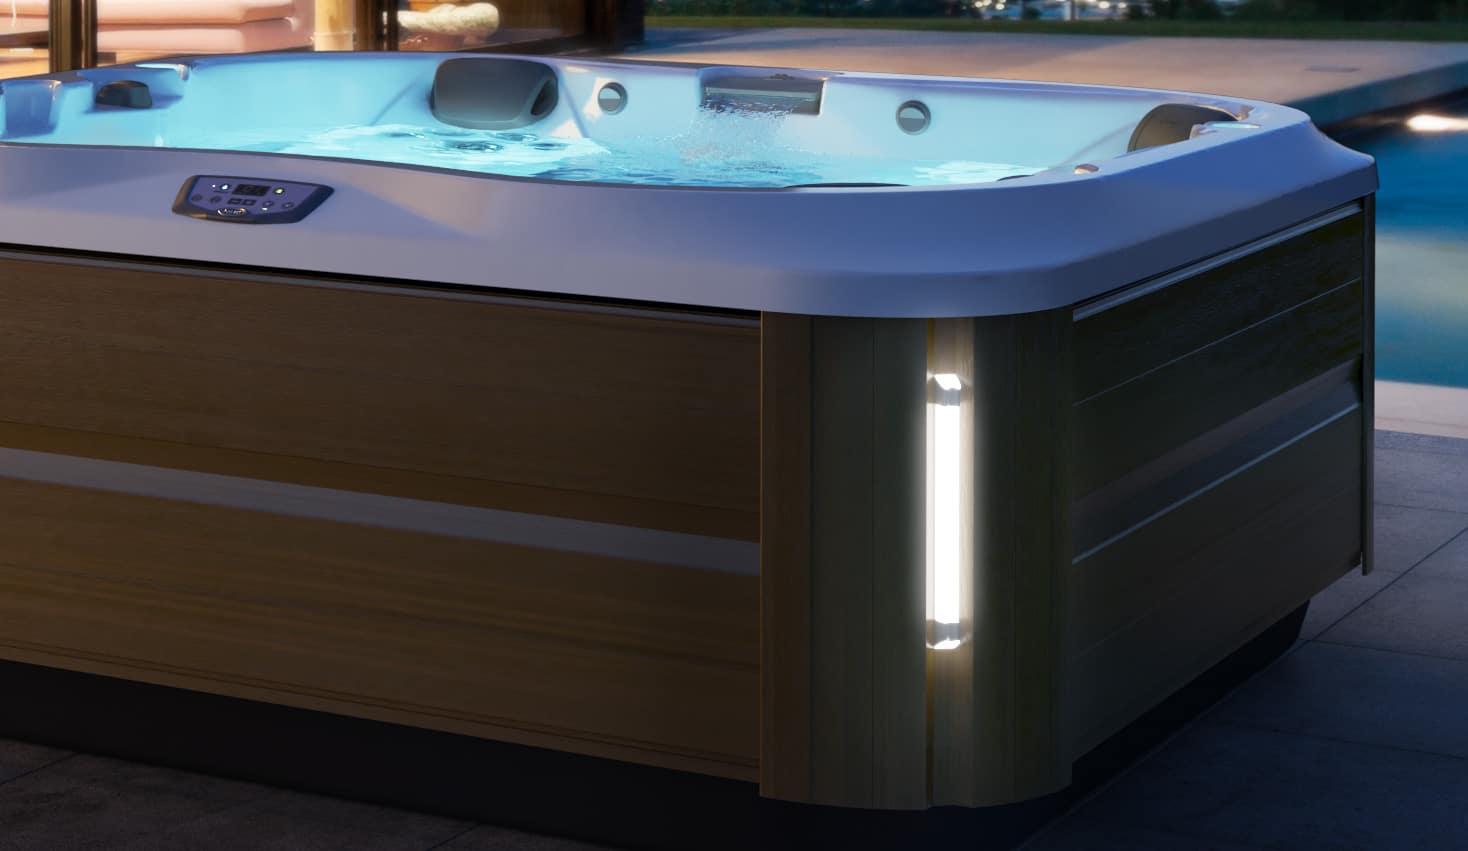 j-335 hot tub cabinet design